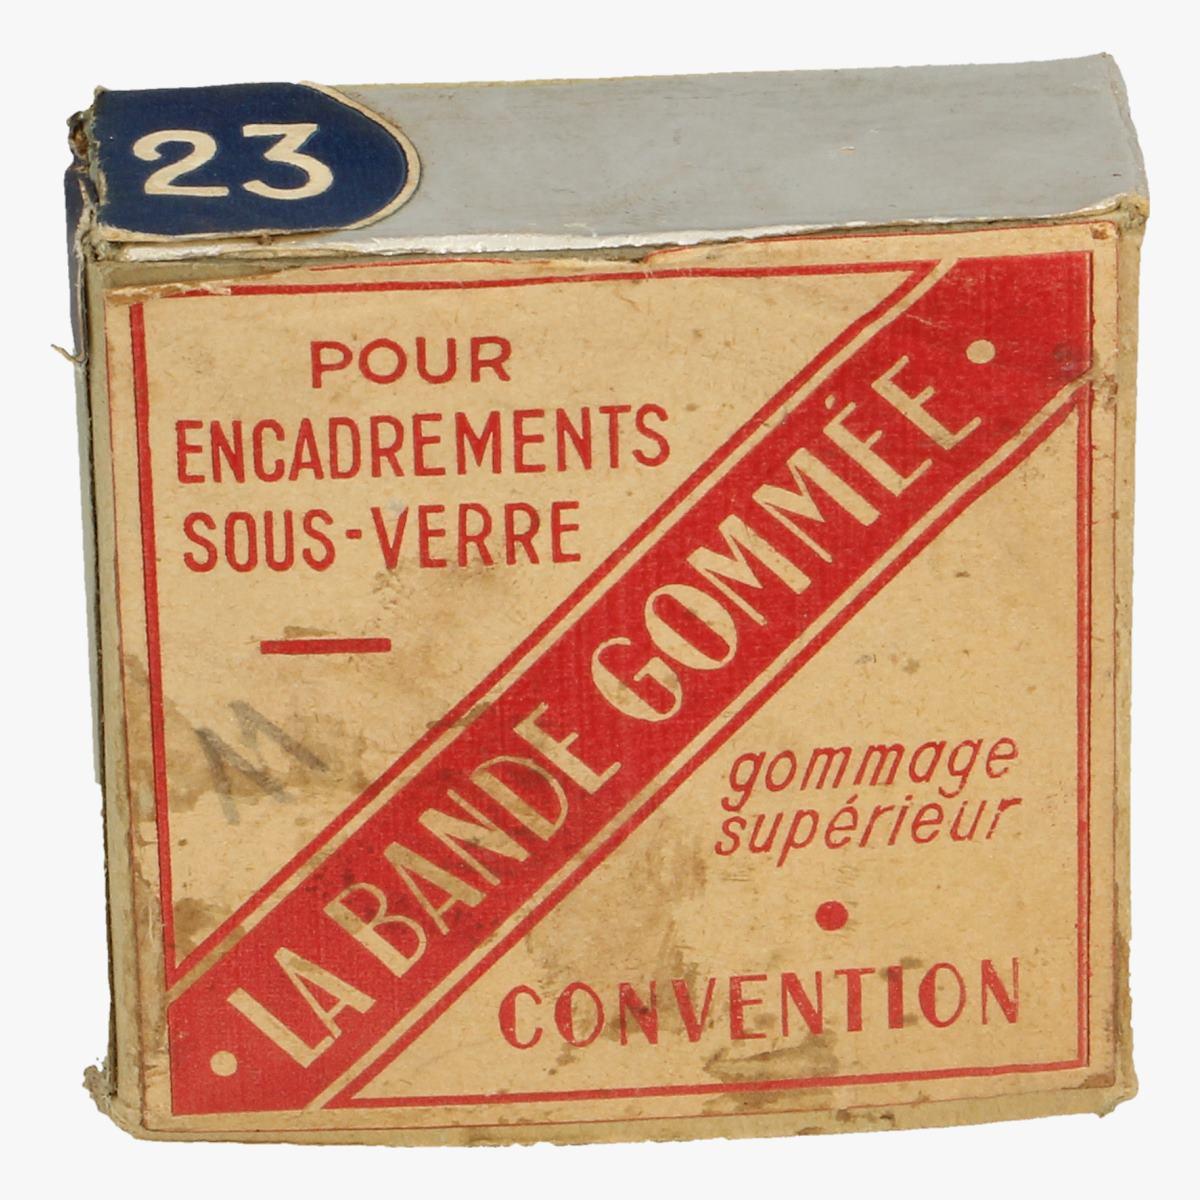 Afbeeldingen van doosje la bande gommée pour encadremants sous-verre